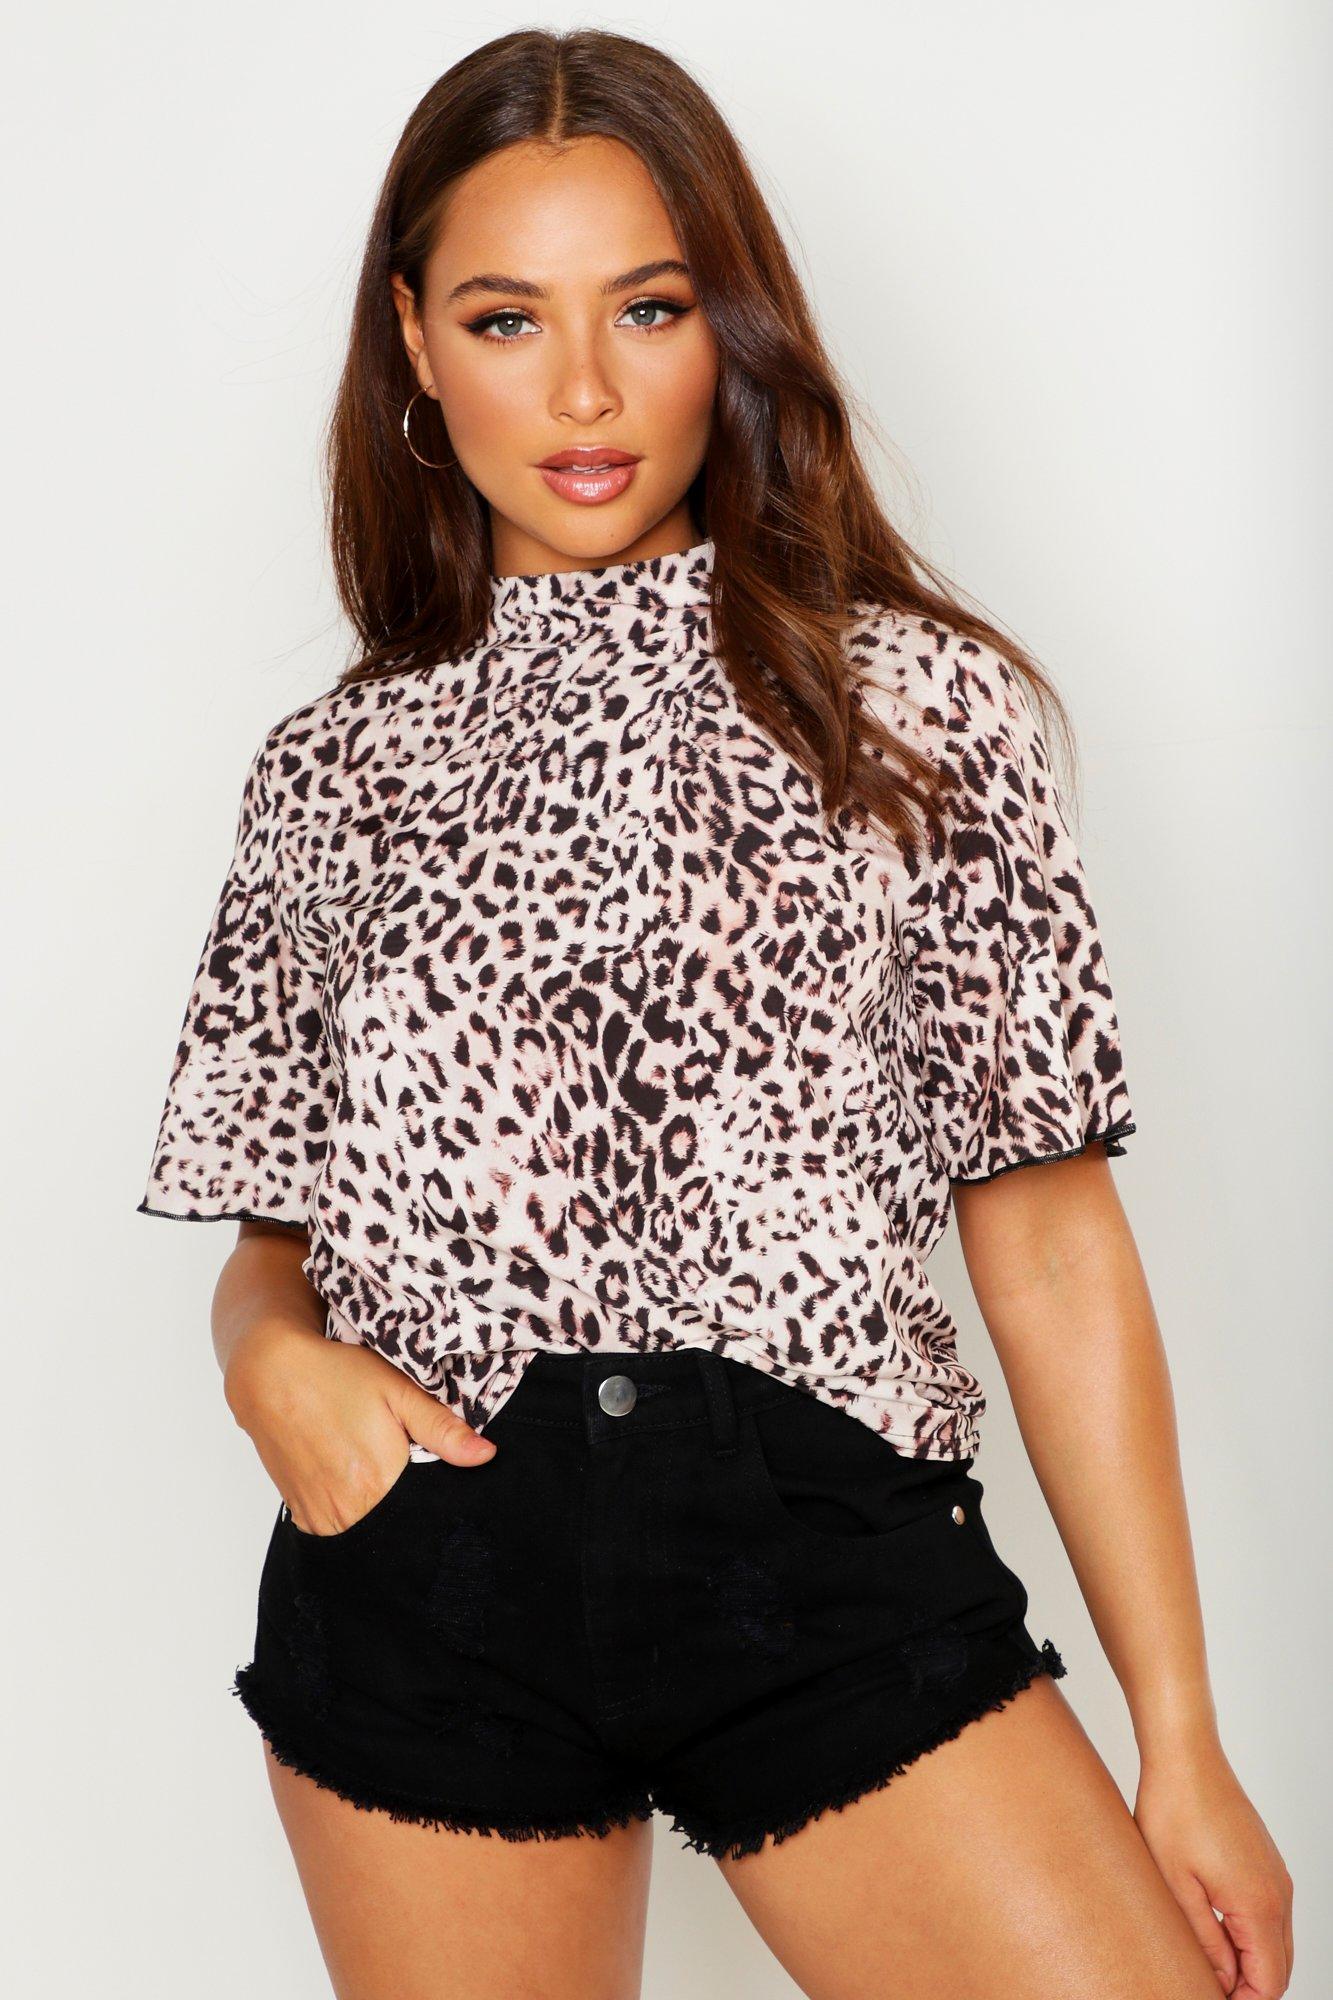 Womens Gewebte Trainingsjacke mit Engelsärmeln in Leopardenmuster - Beige - 32, Beige - Boohoo.com